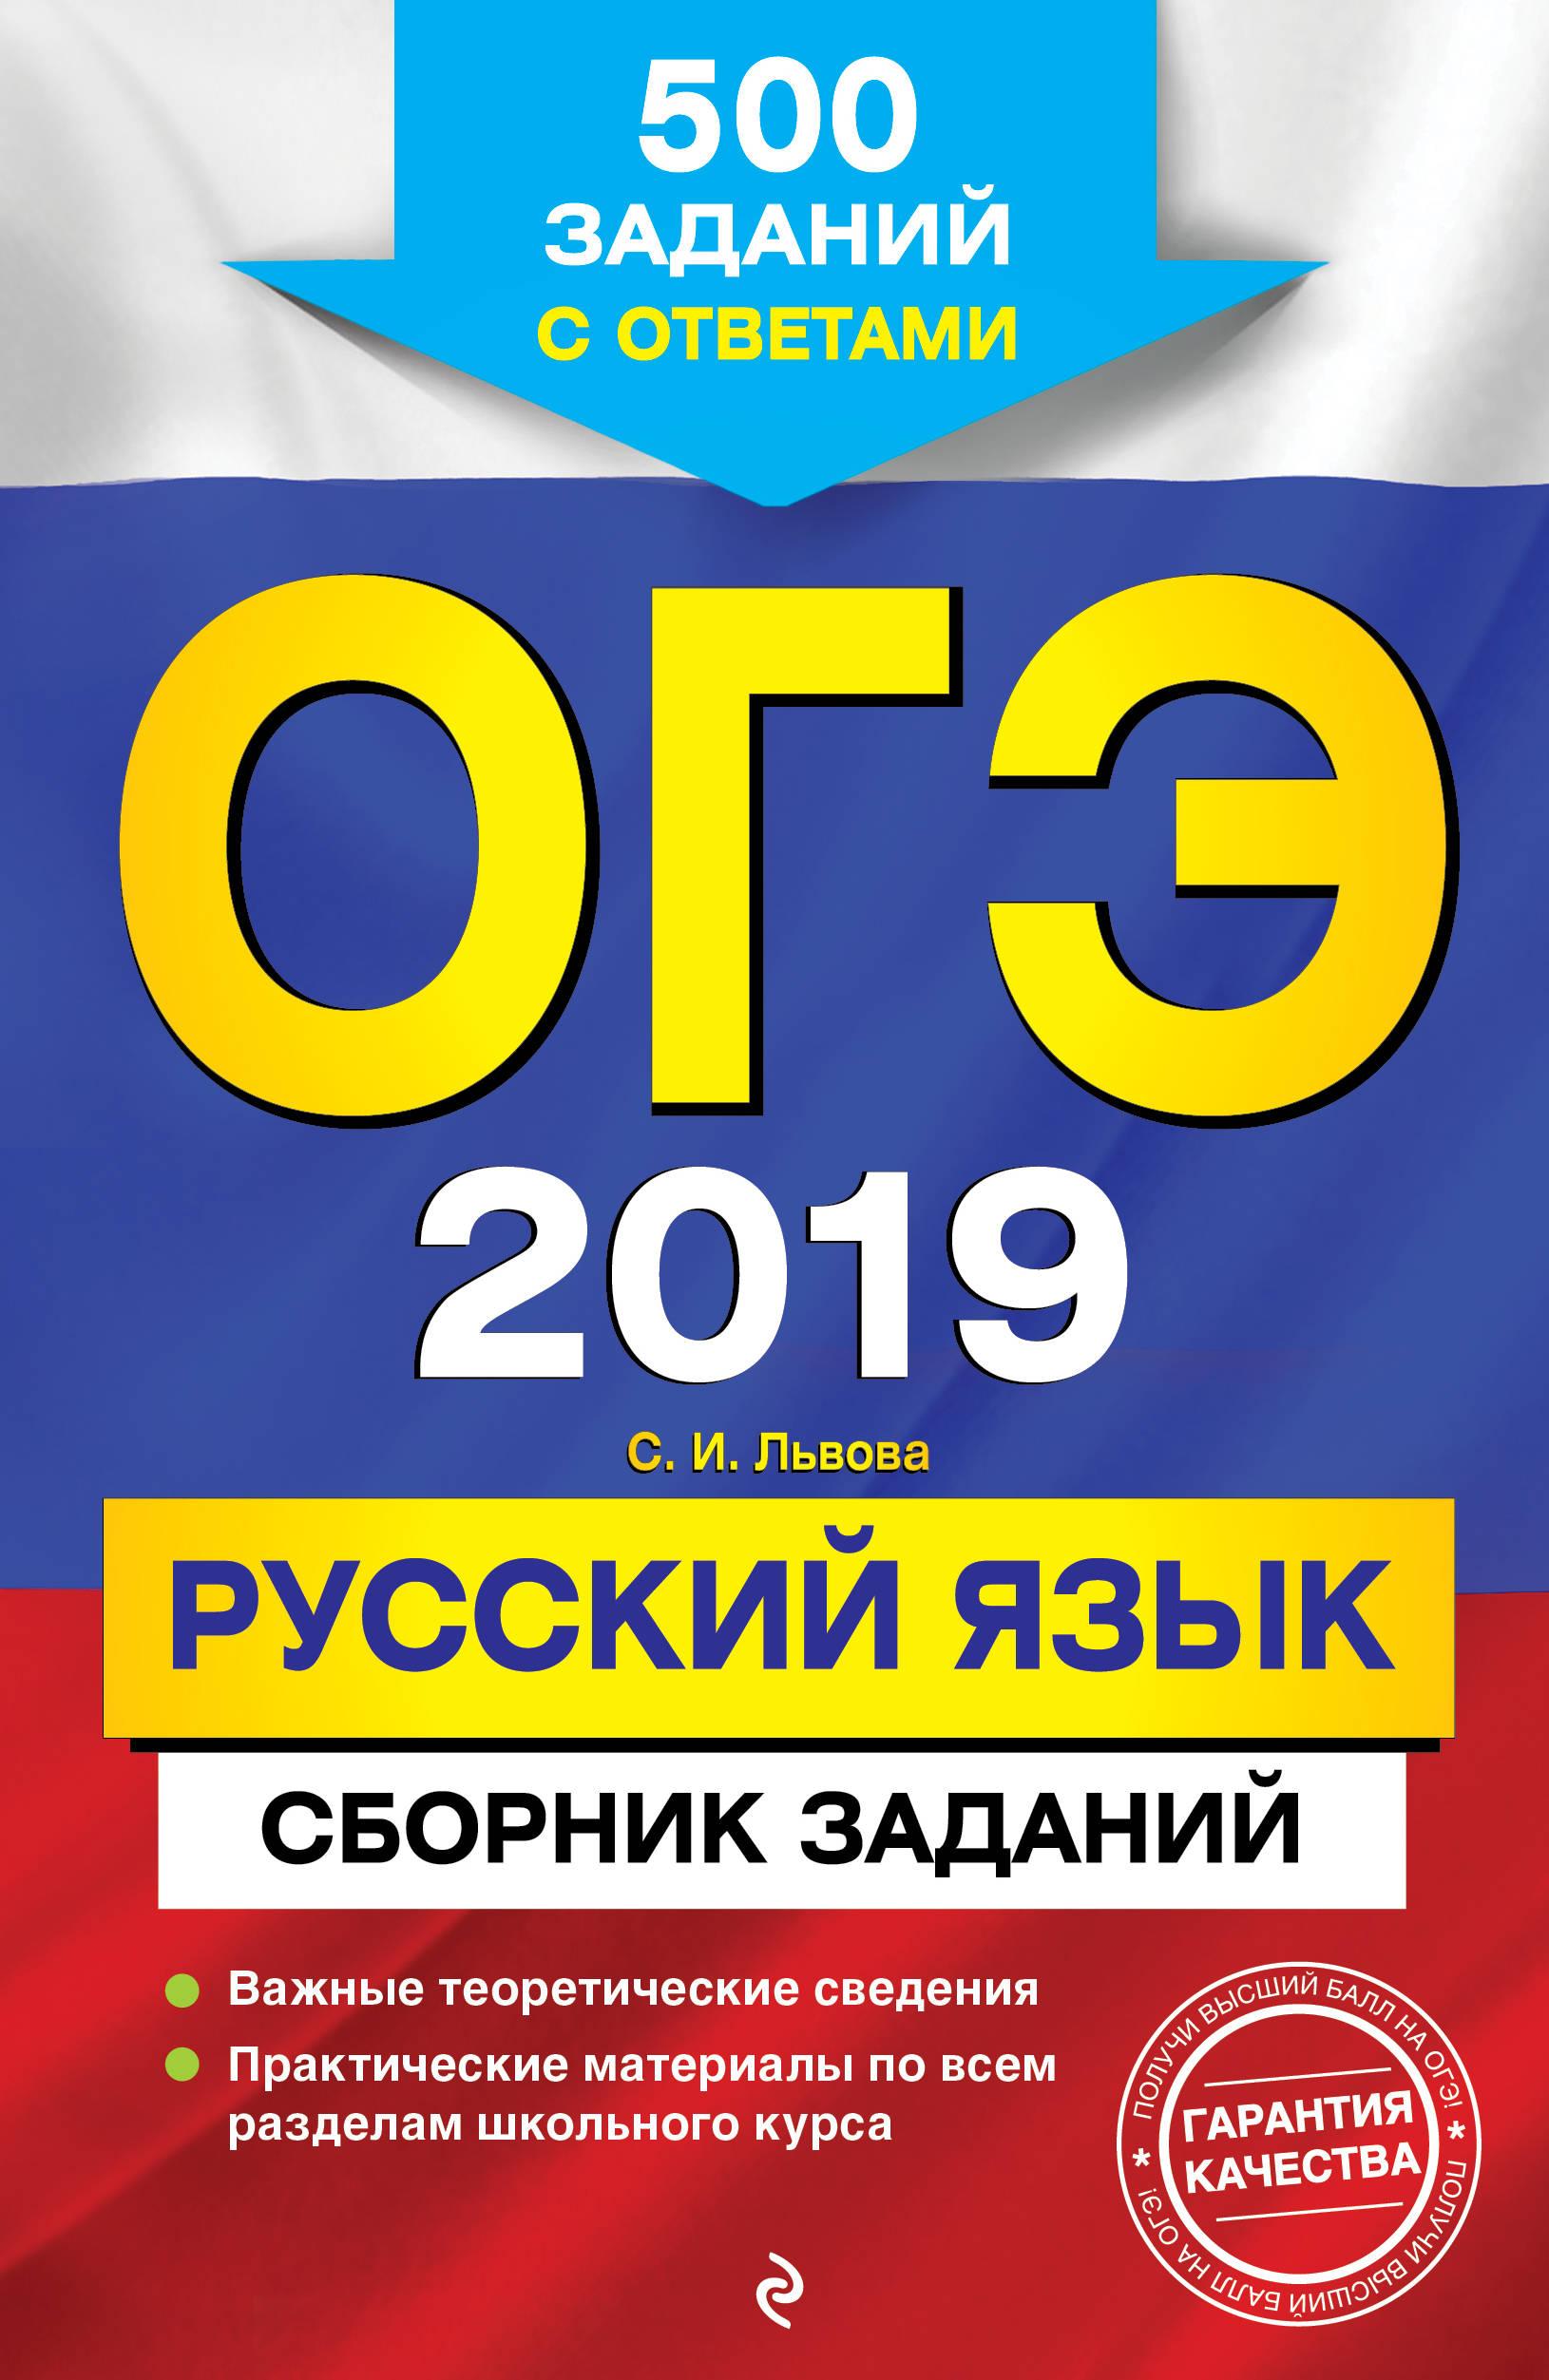 ОГЭ-2019. Русский язык. Сборник заданий: 500 заданий с ответами